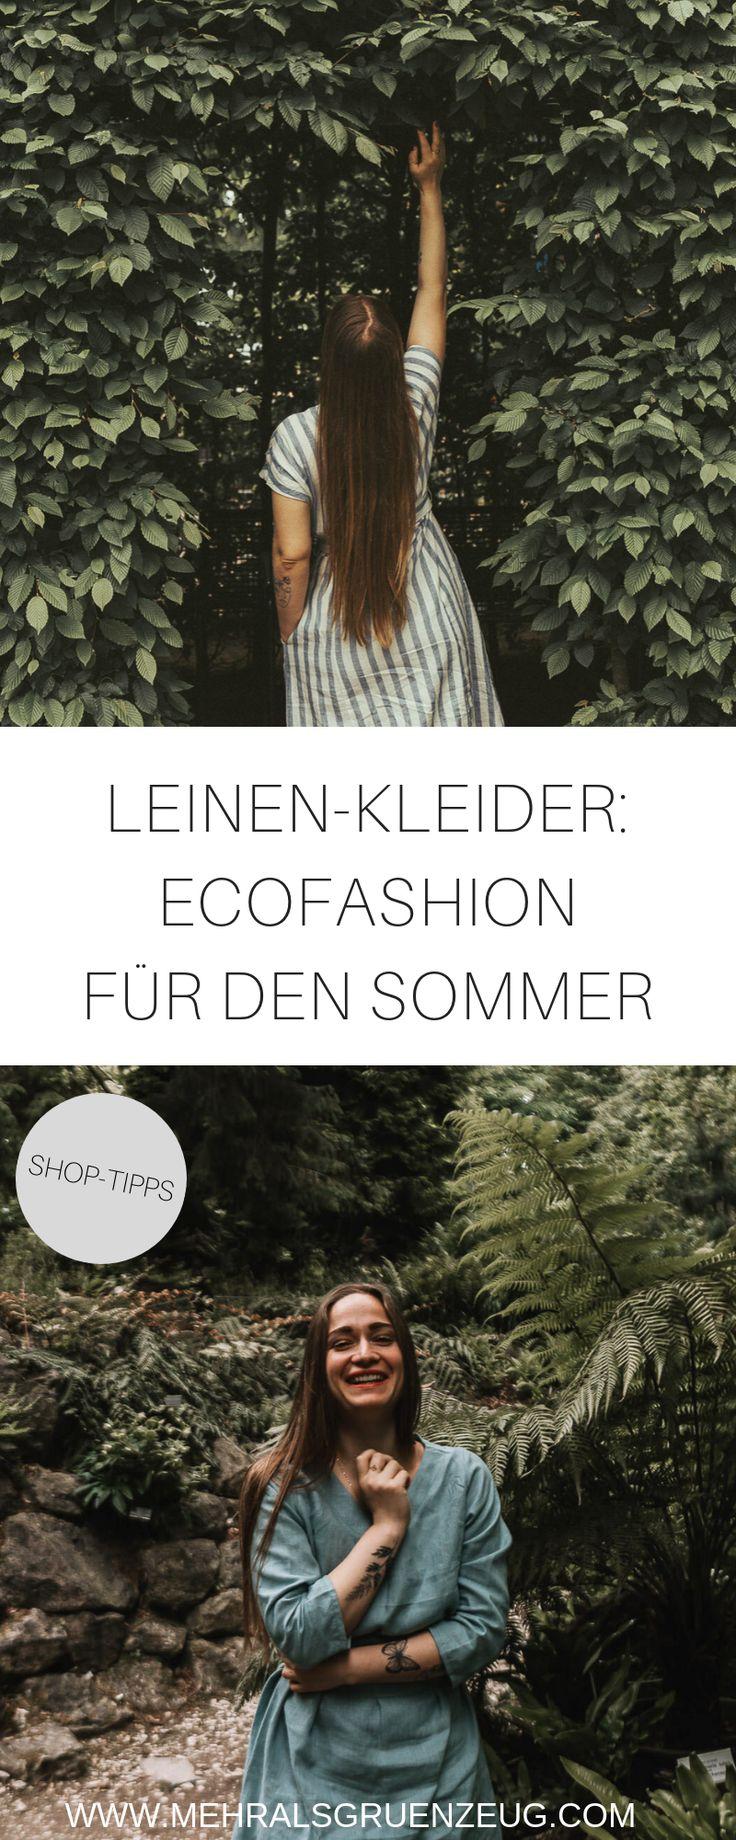 Nachhaltige Leinen-Kleidung für den Sommer: Warum das eine gute Idee ist und wo du sie herbekommst